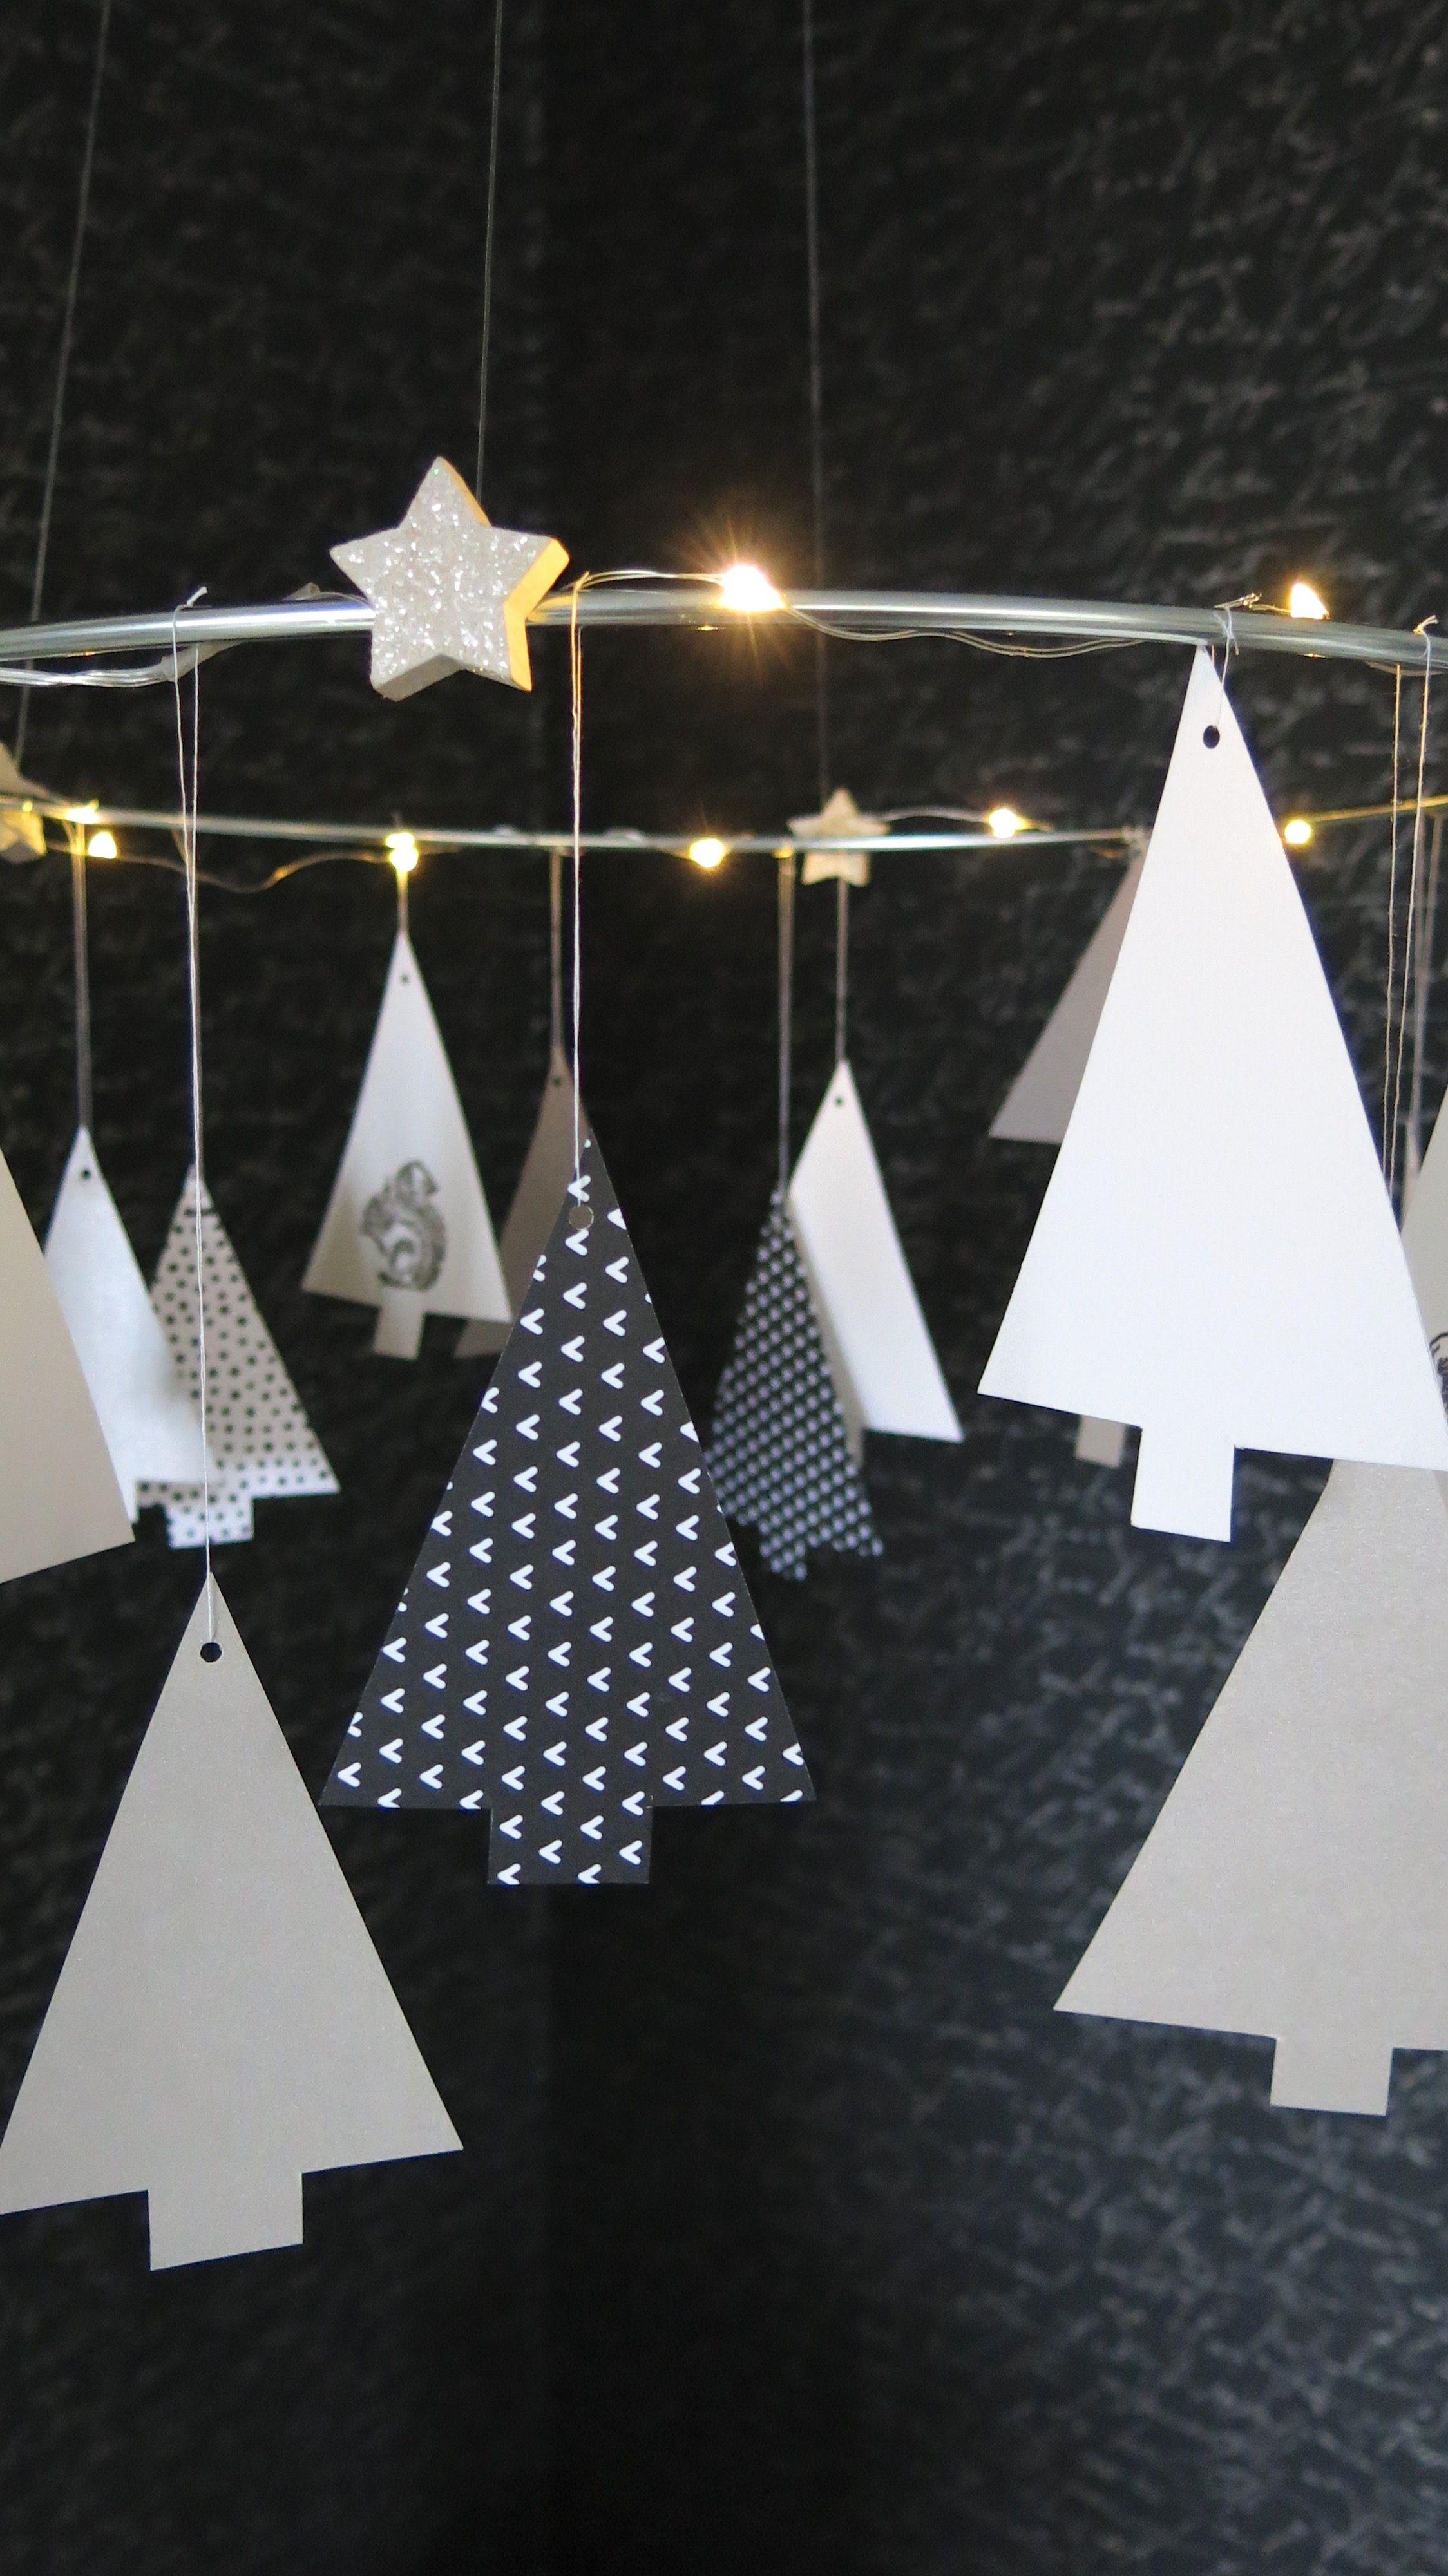 tannenkranz mit beleuchtung schwarz auf wei 107qm. Black Bedroom Furniture Sets. Home Design Ideas